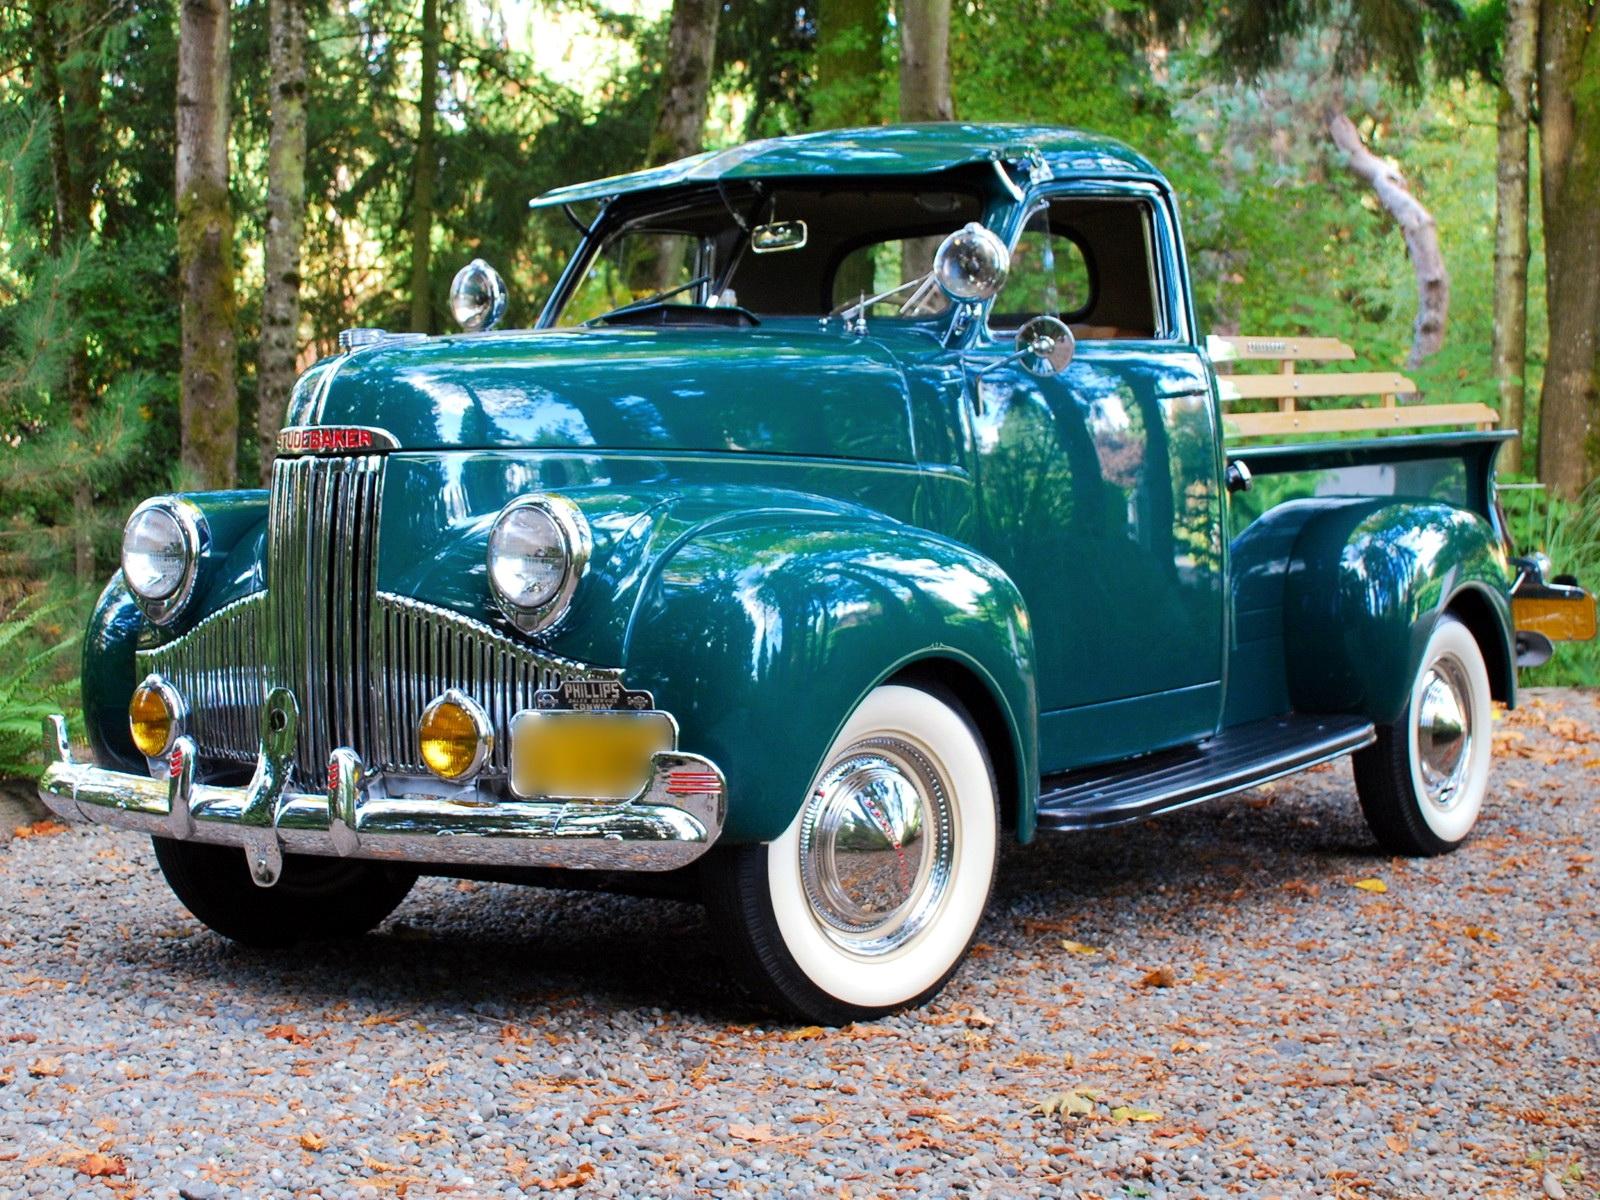 Fonds D'ecran Camion Studebaker 1947 Voitures Télécharger